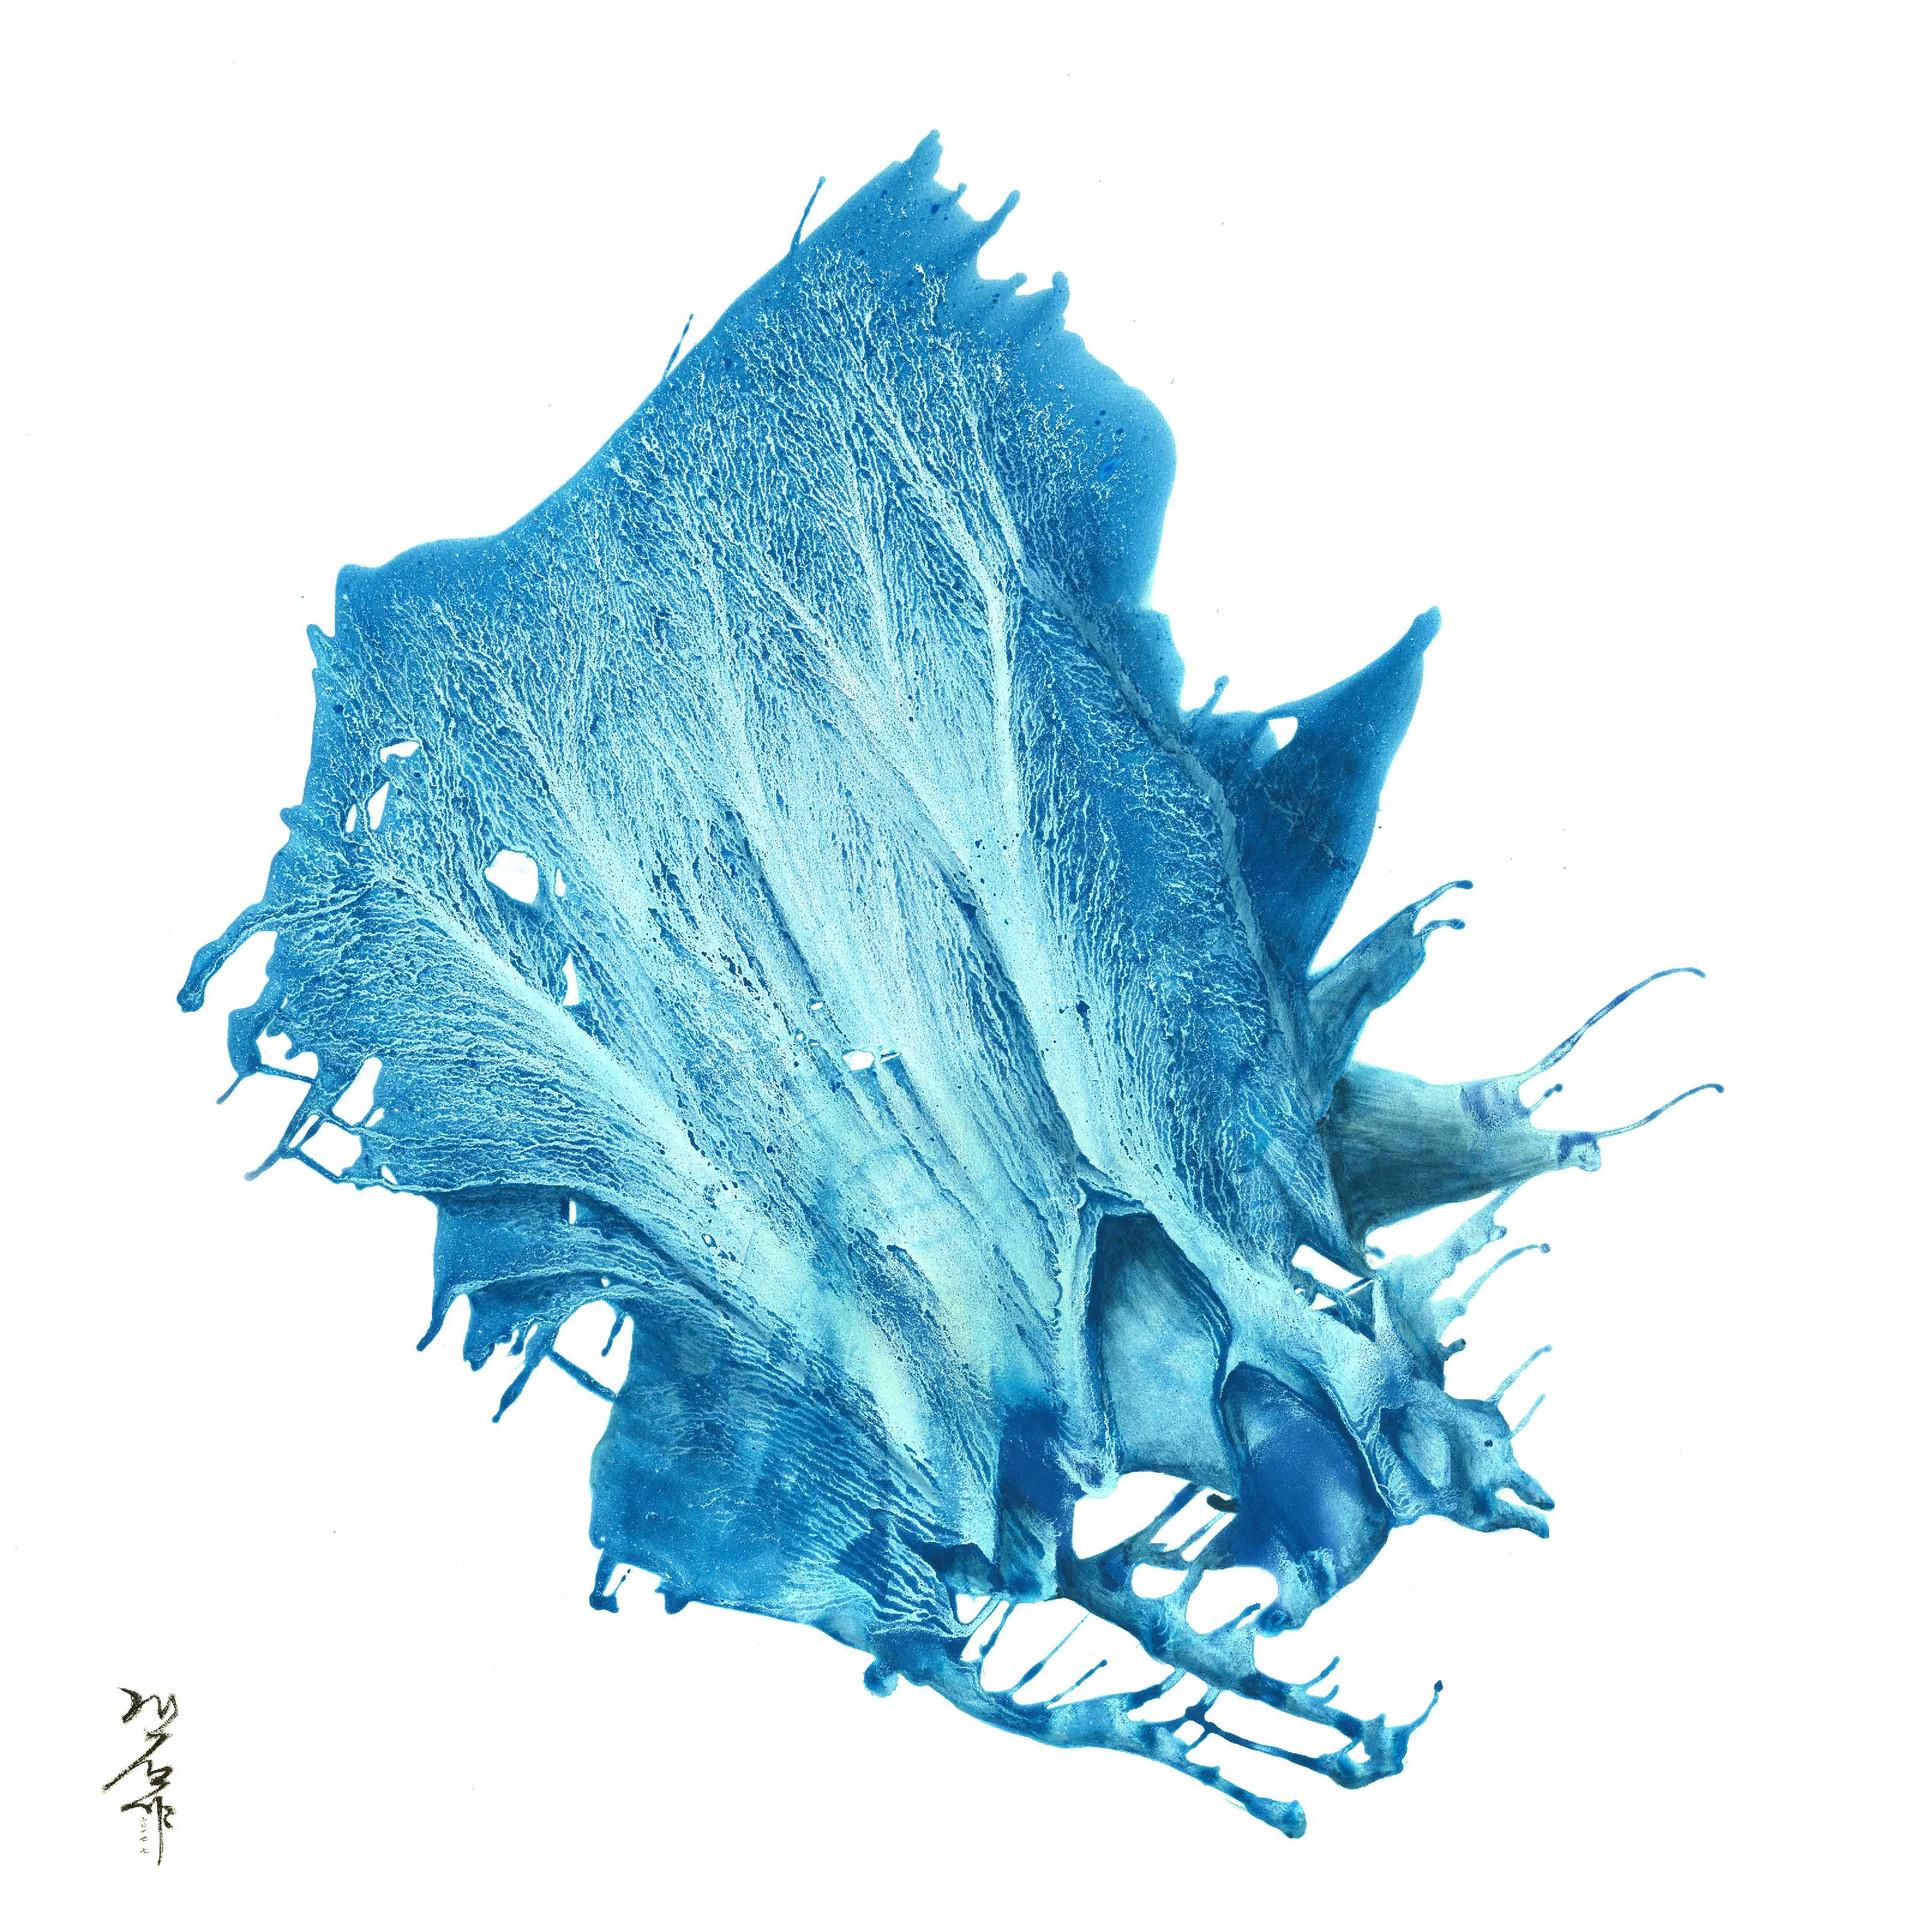 ICE 16, 2017